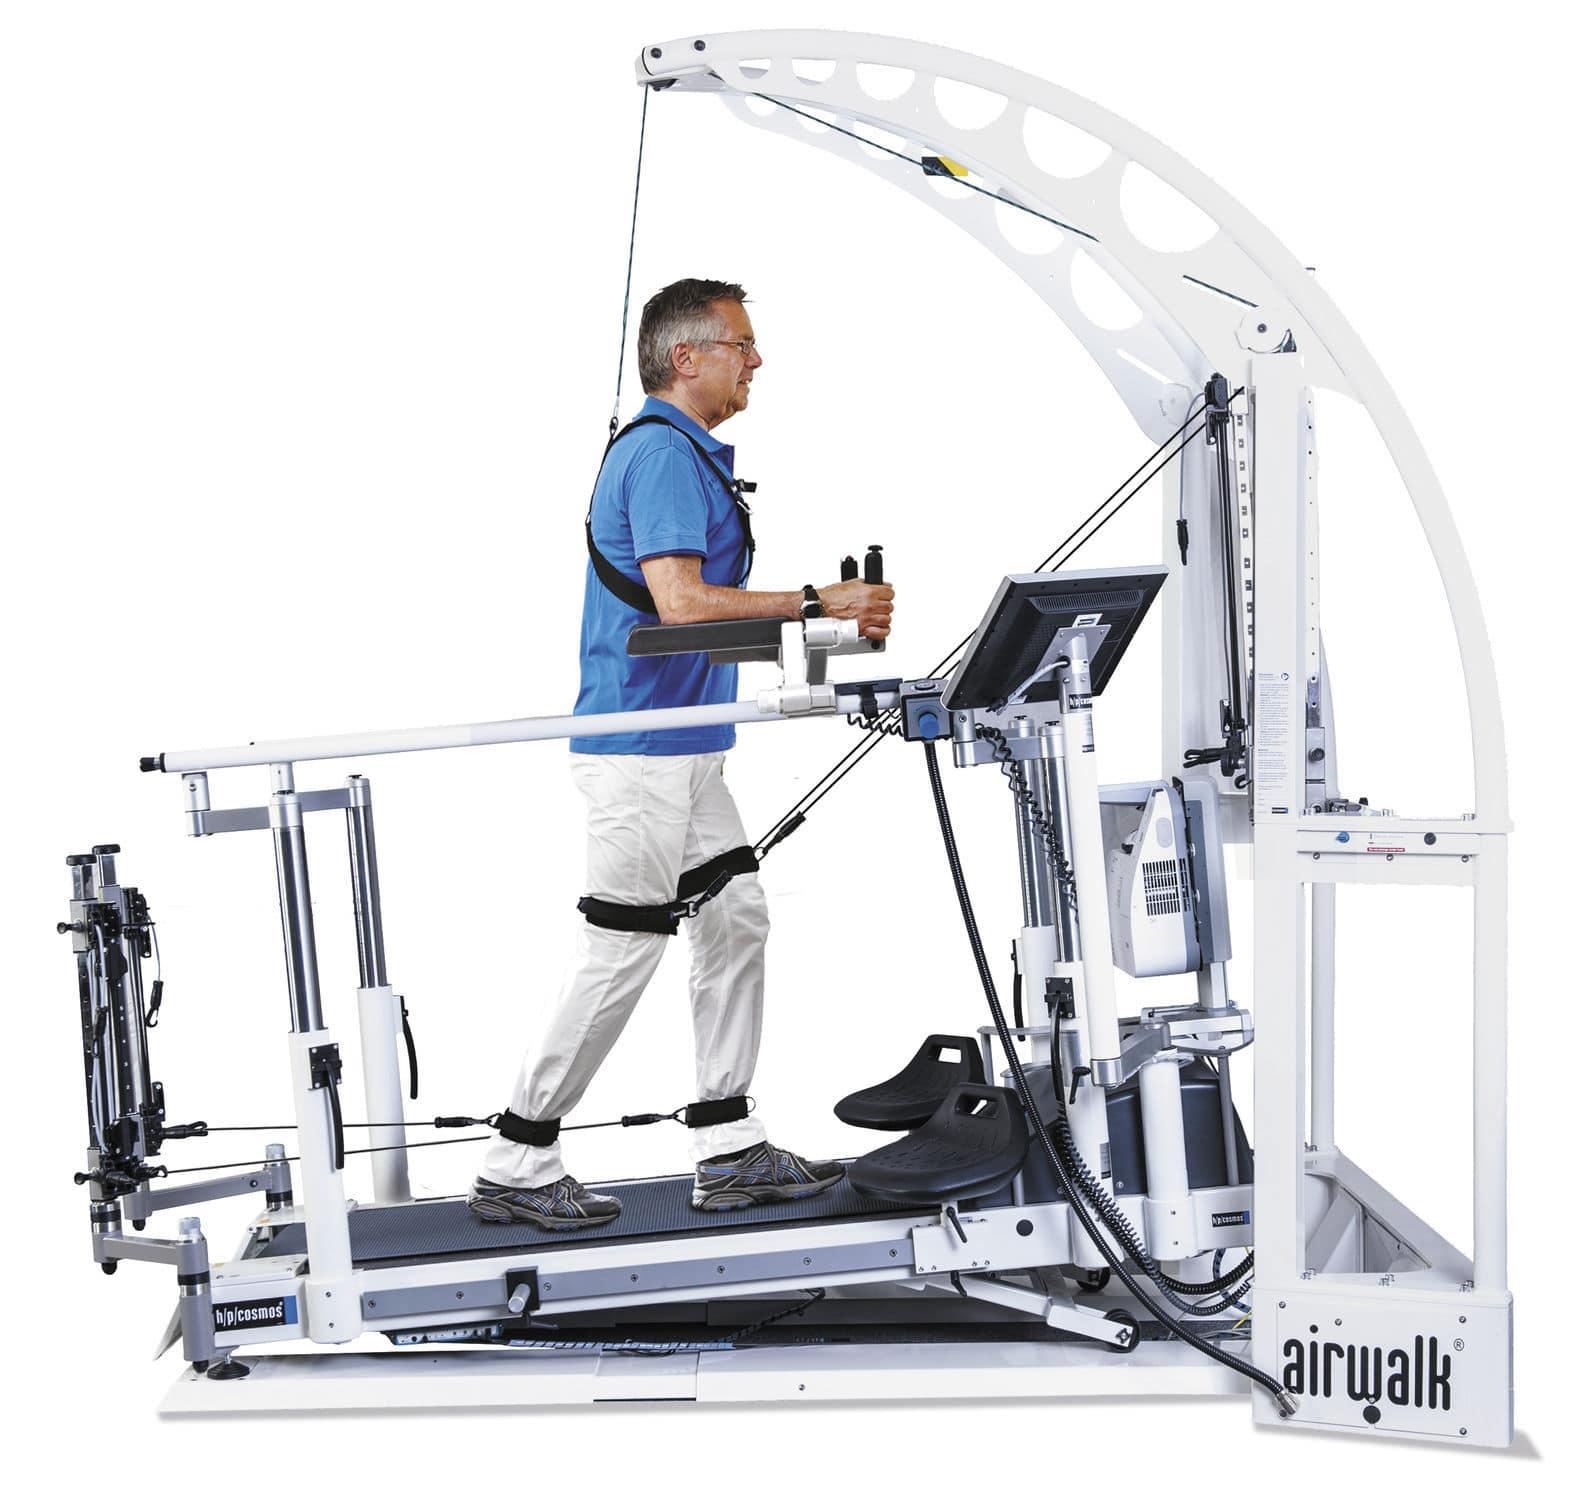 Esteira elétrica com suporte parcial de peso corporal - Locomotion® - h/p/cosmos sports & medical - com corrimão